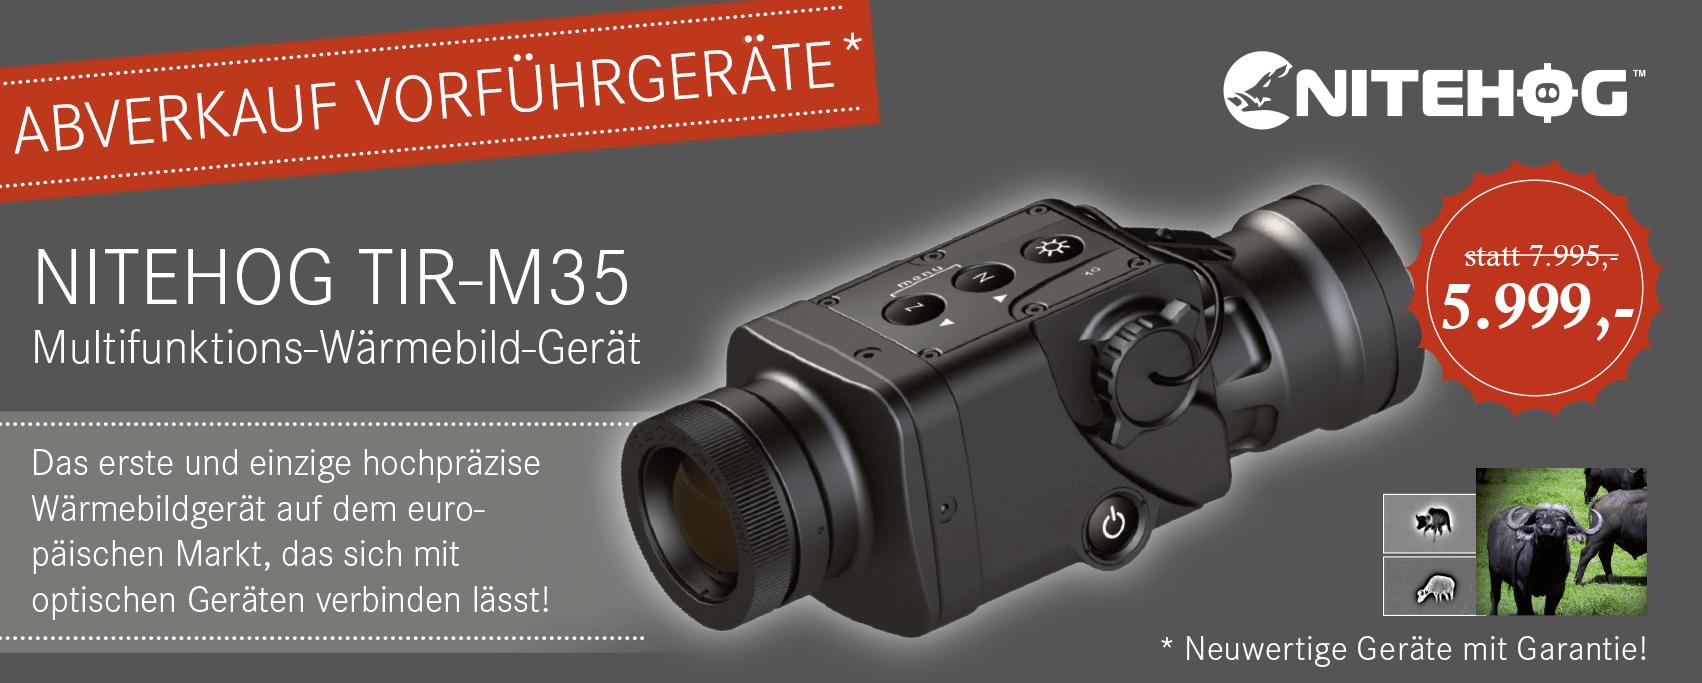 NITEHOG TIR-M35 Wärmebild-Gerät zum Spitzenpreis